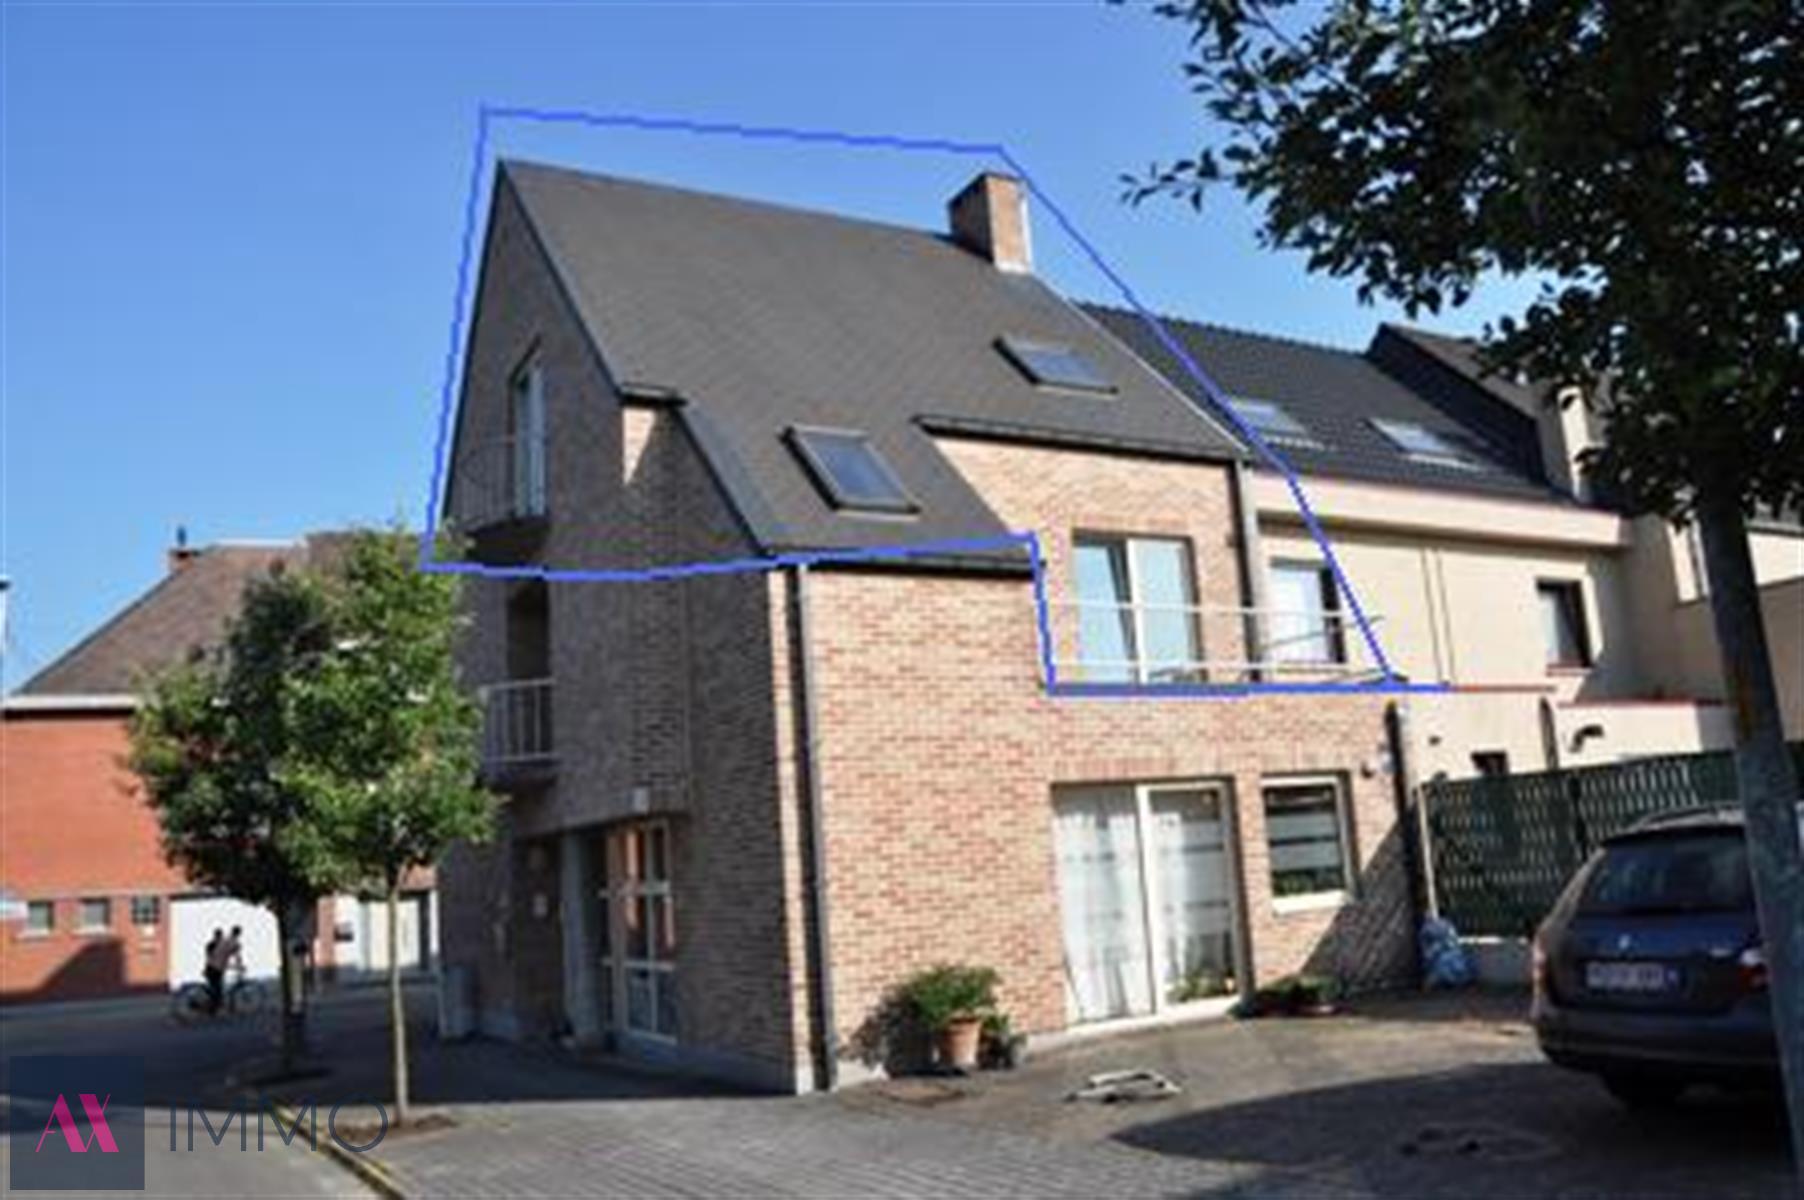 Duplex-appartement met 3 slaapkamers en terras gelegen in het centrum van Lebbeke, vrij vanaf 01/04/2020